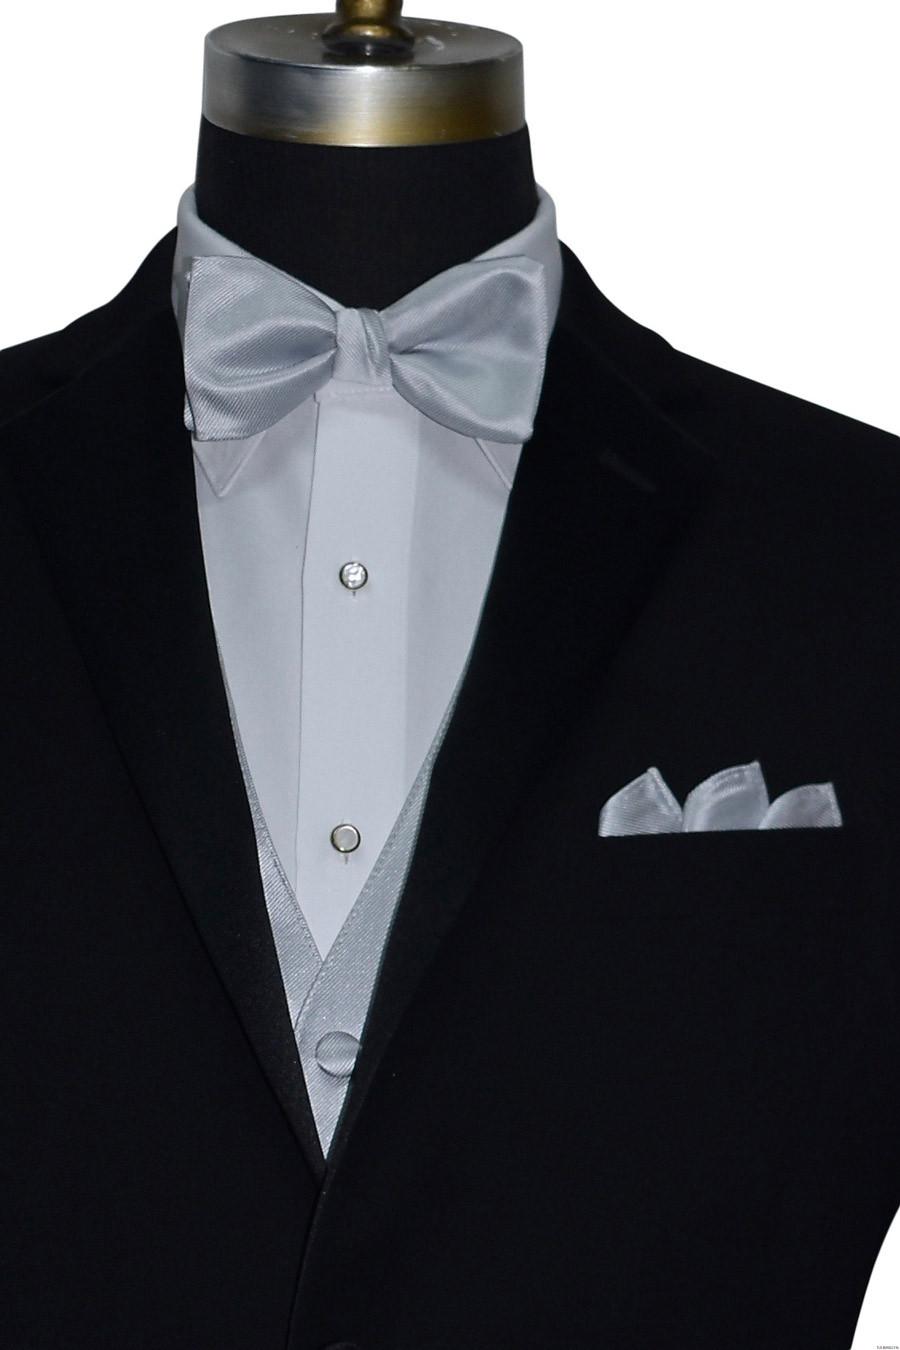 silver pre-tied bowtie close-up